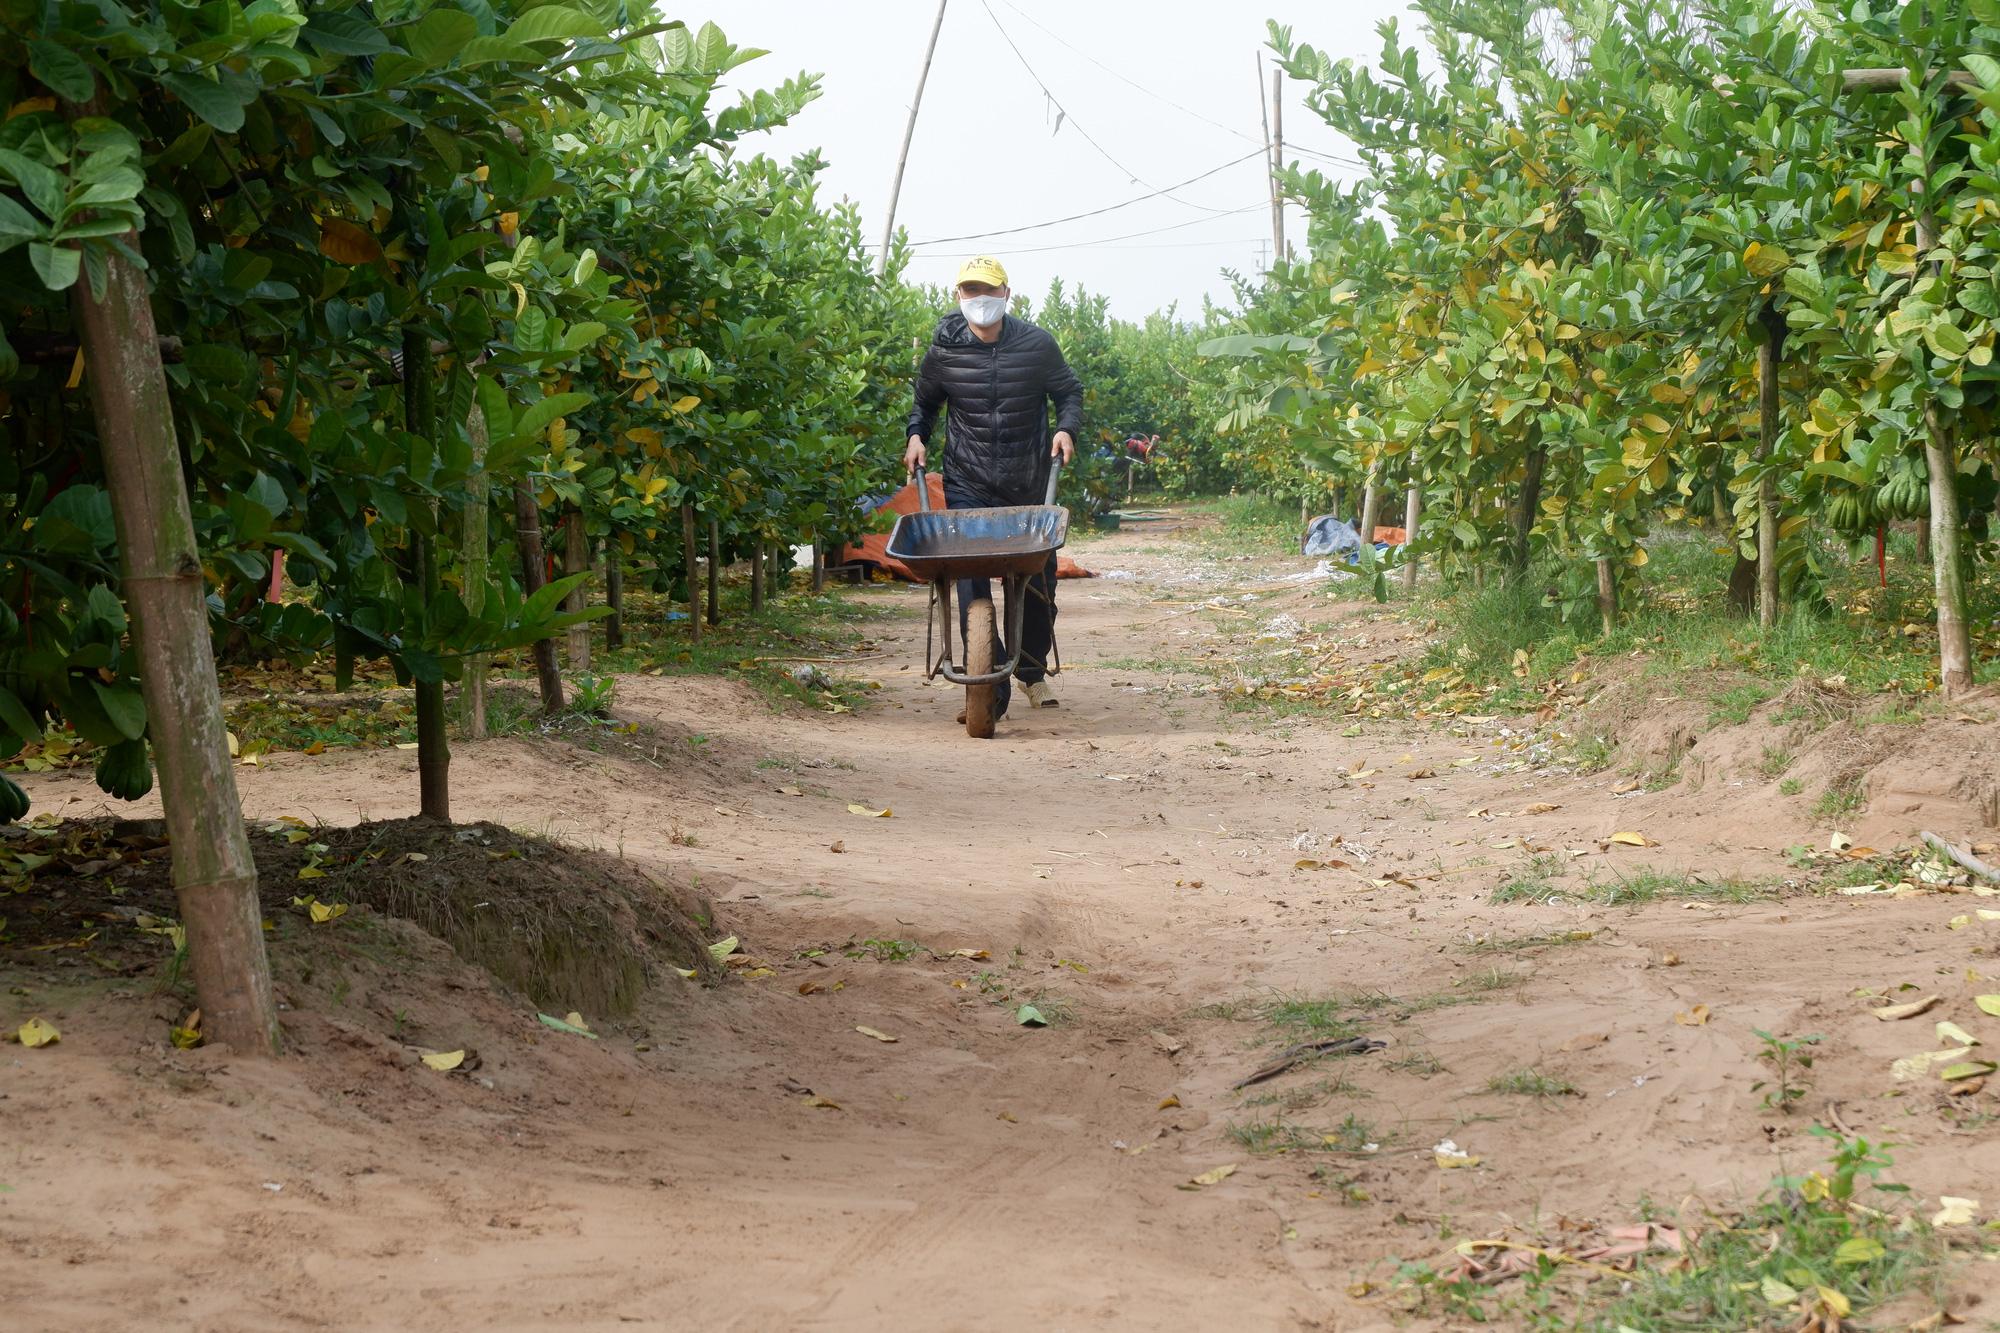 Hà Nội: Phật thủ được giá, bán 100.000 đồng/quả, nhiều nhà vườn ở Đắc Sở thu tiền tỷ - Ảnh 4.